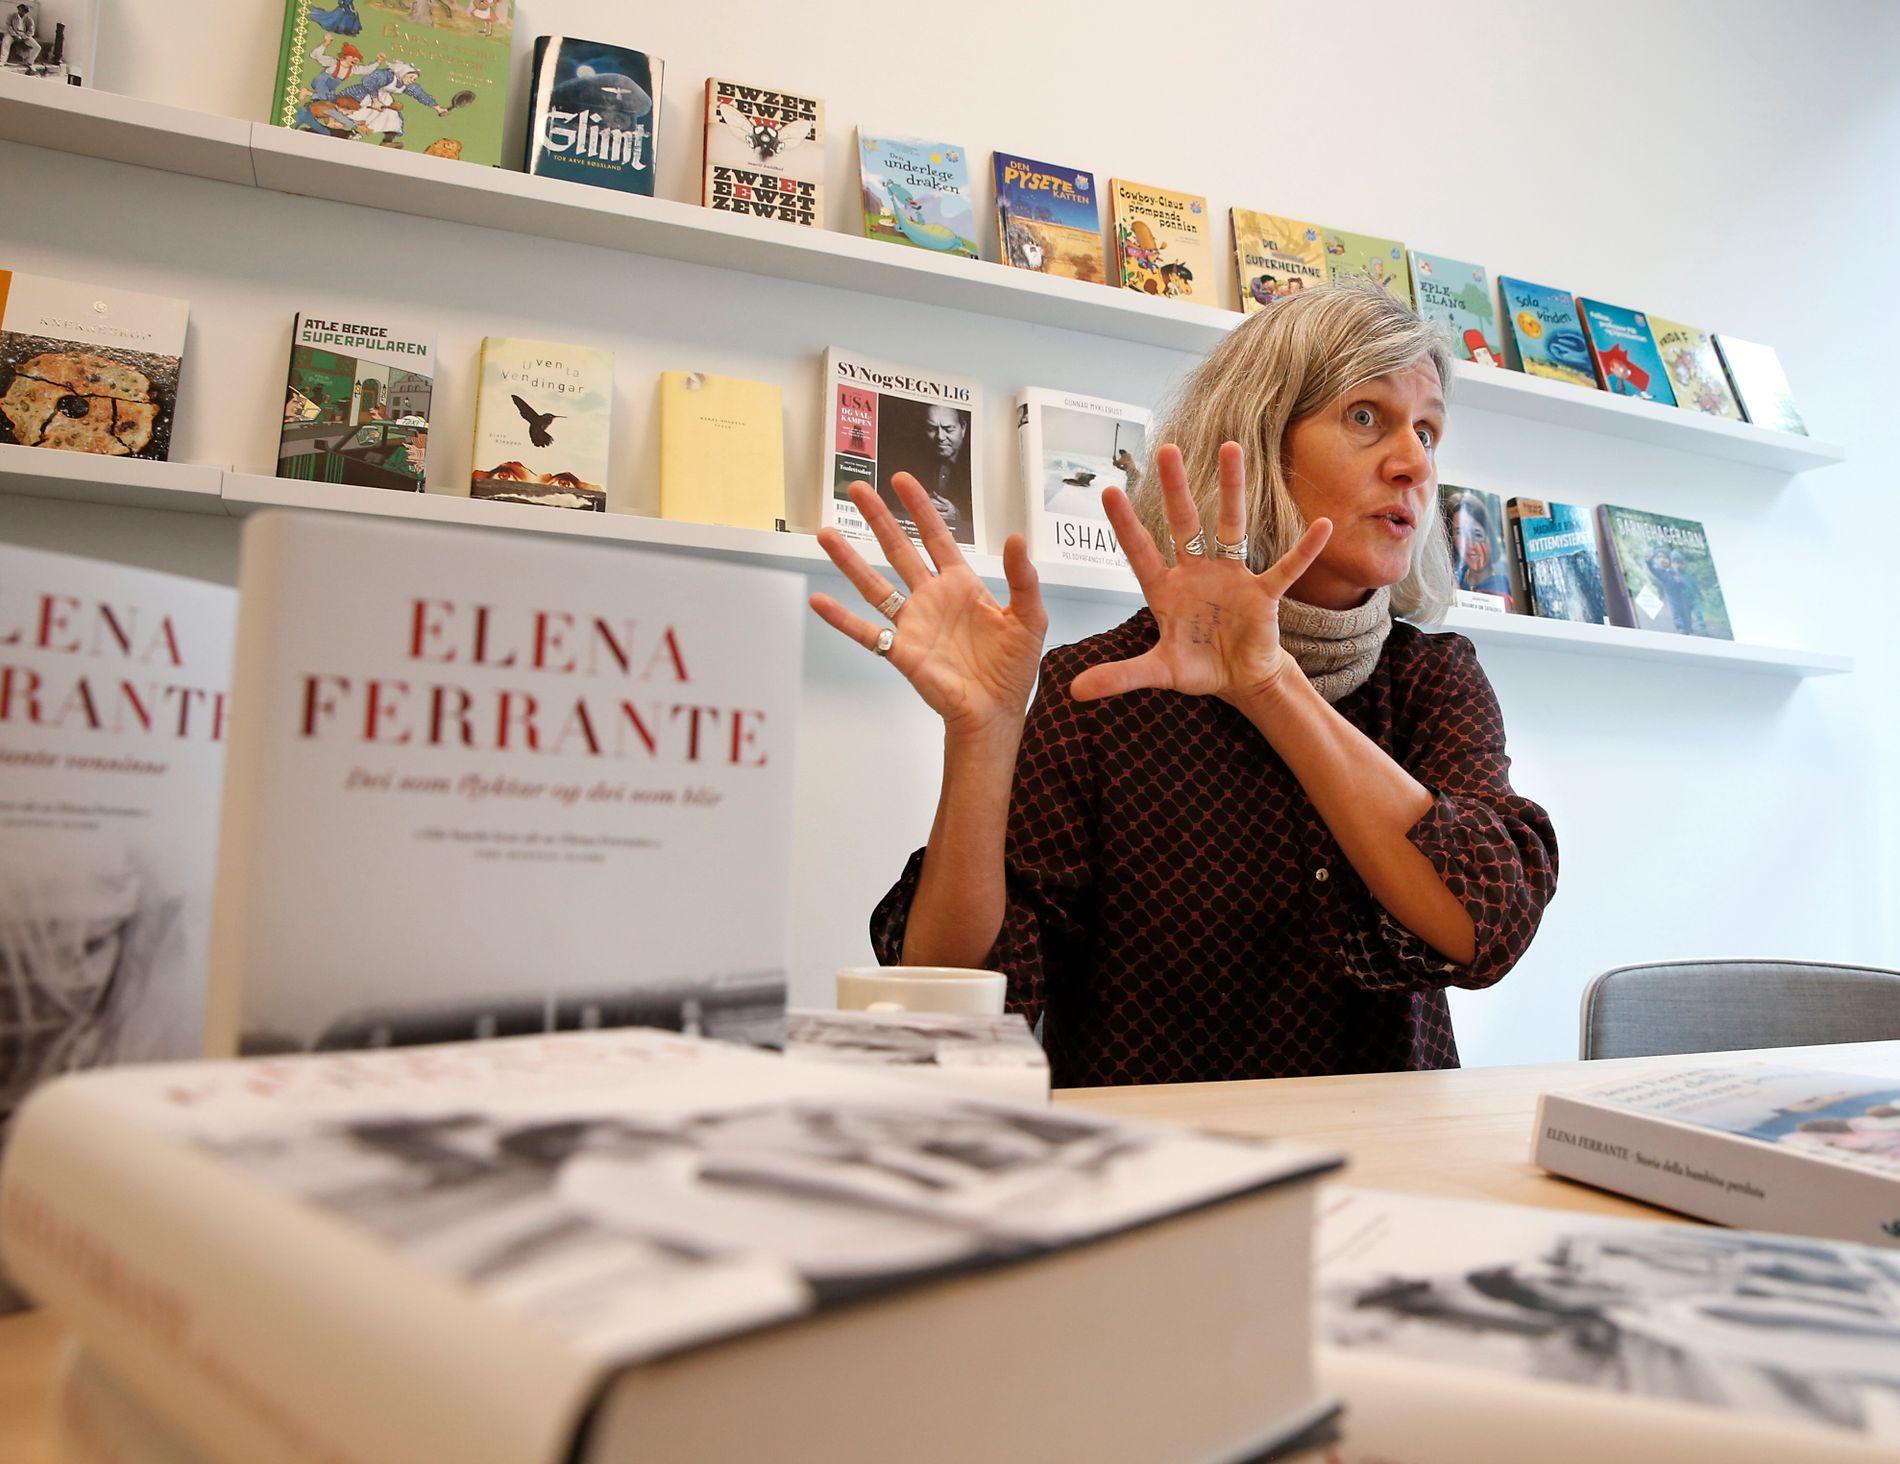 LESER HVER BOK 8 GANGER: Ferrante-oversetter Kristin Sørsdal leser hver bok opp i åtte ganger i arbeidet med å oversette Elena Ferrantes Napoli-kvartett til norsk.